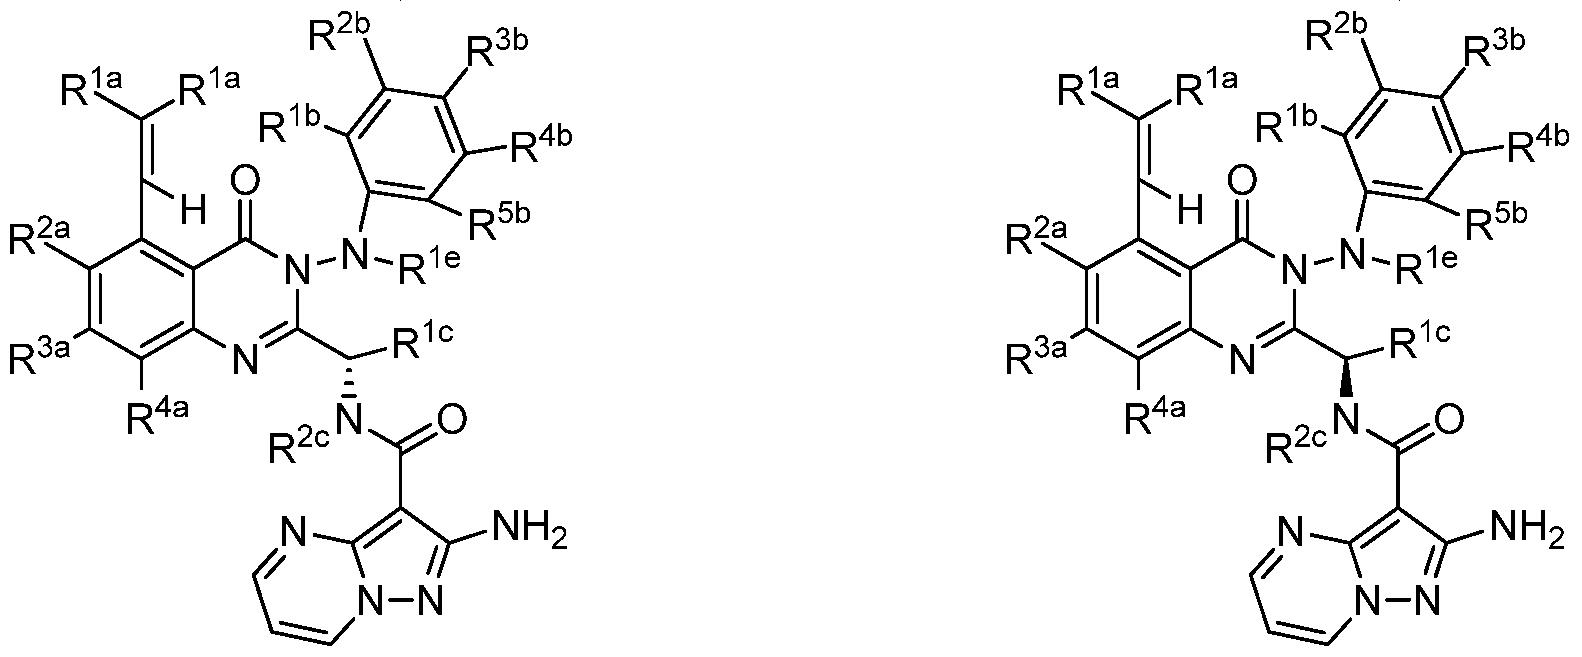 Figure imgf000261_0003